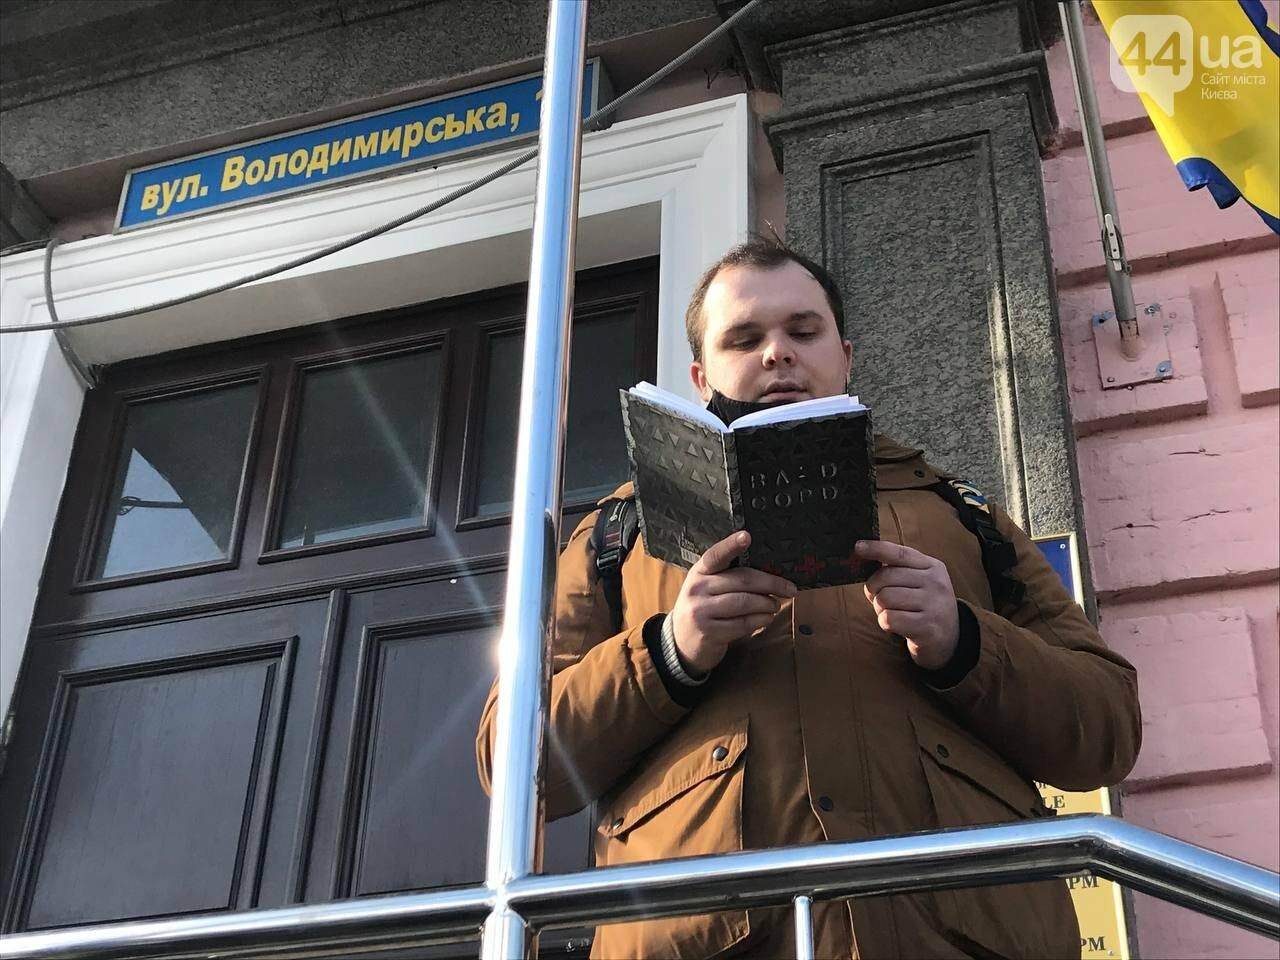 Суд над активистом Владом Сордо, Фото: 44.ua